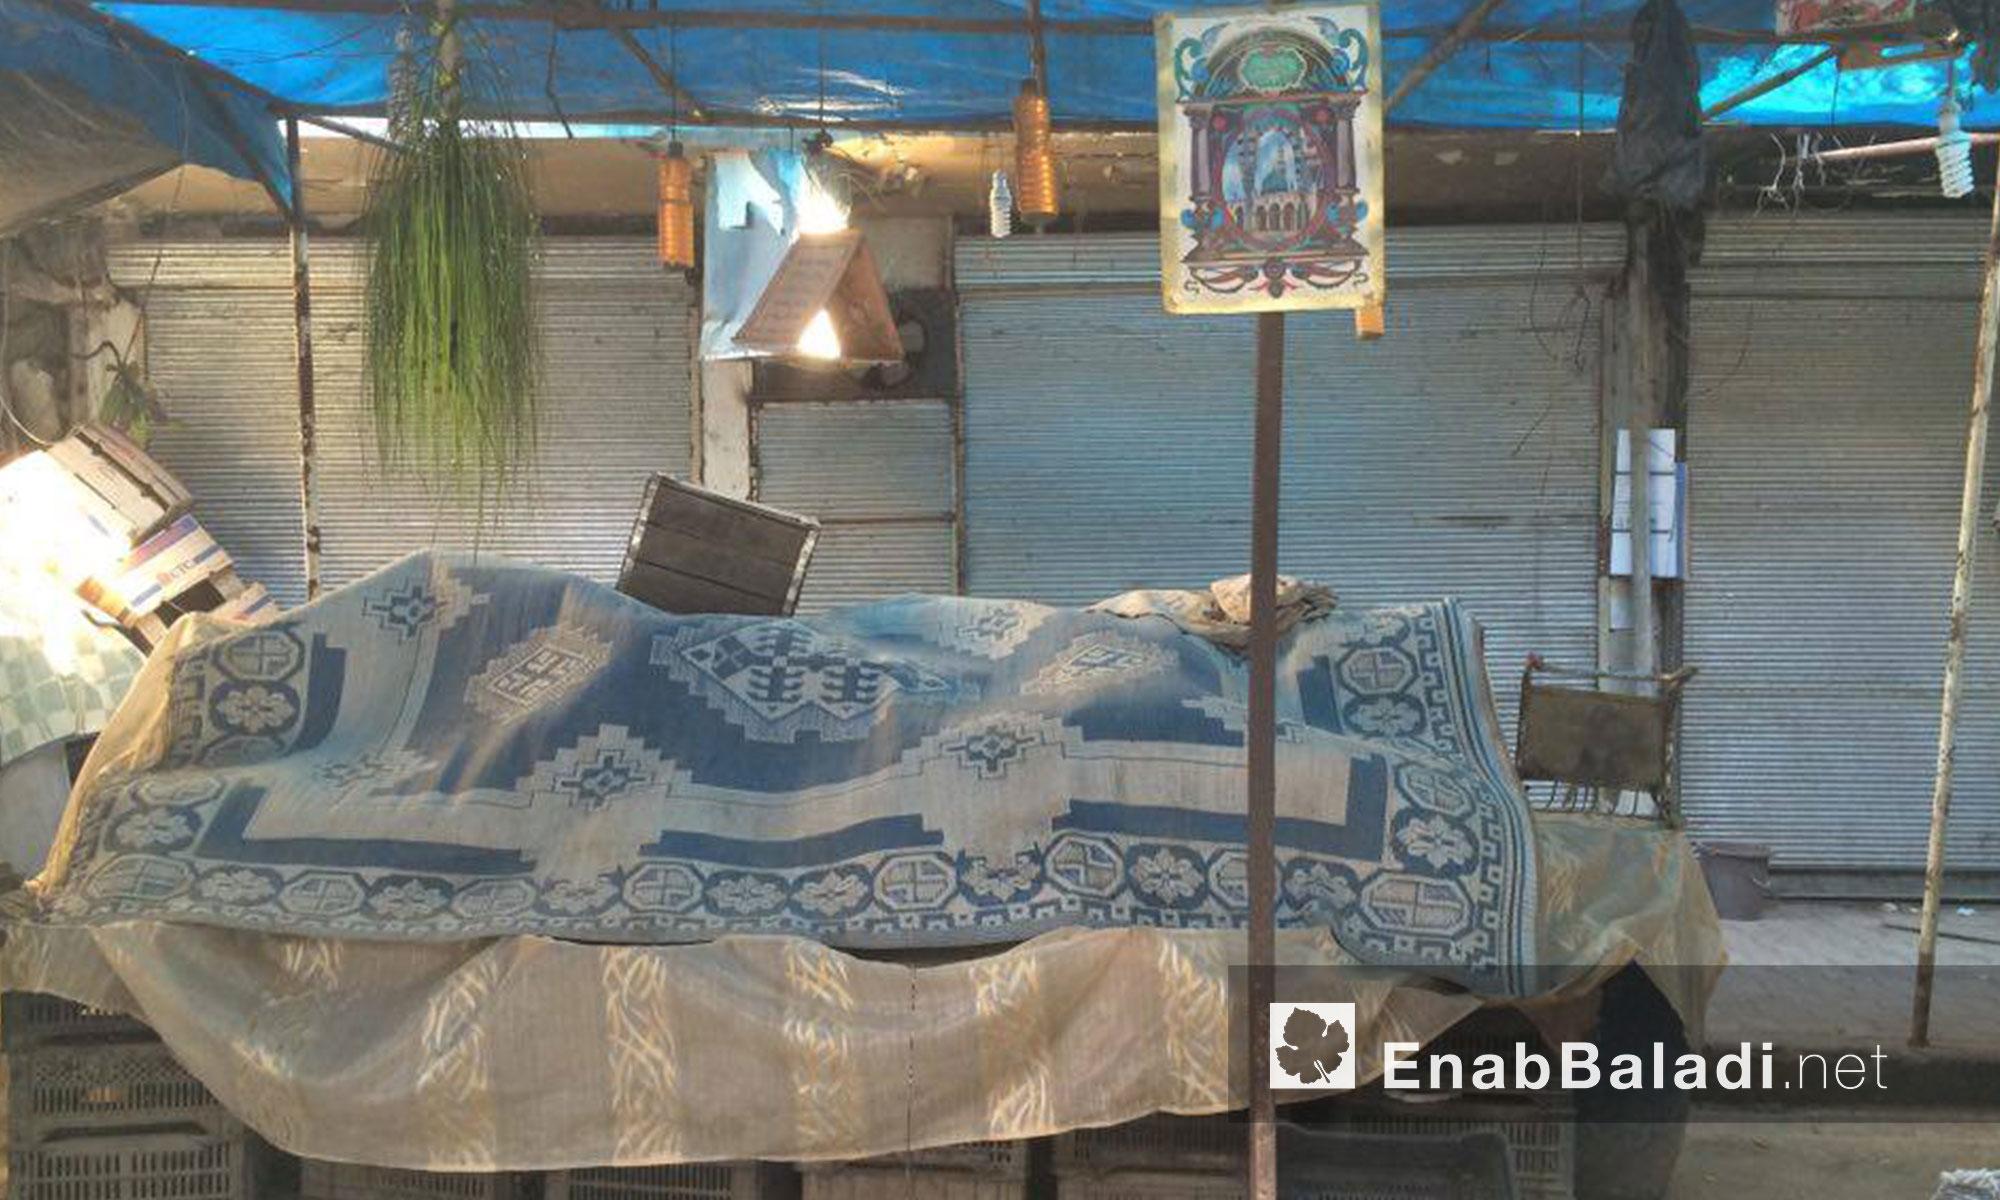 وهذا ما رصدته كاميرا عنب بلدي في حي الشعار اليوم الاثنين 11 تموز